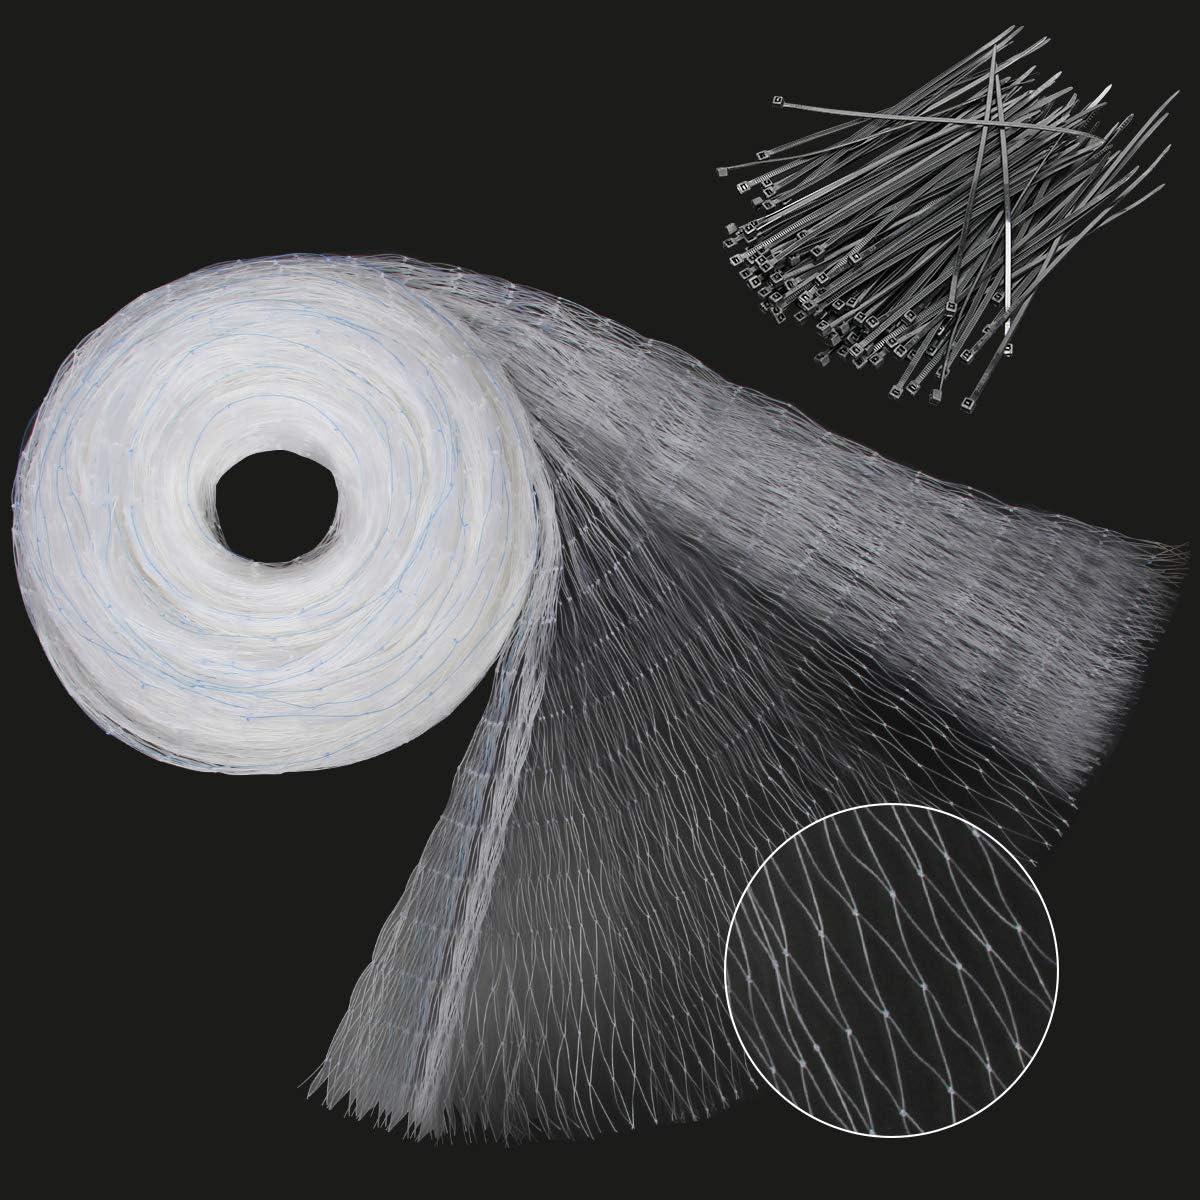 Zhichengbosi - Malla para pájaros (5 x 10,5 m, protección contra pájaros, Cubierta para estanques, Malla Cuadrada de 2,5 cm con 100 Bridas de Nailon)